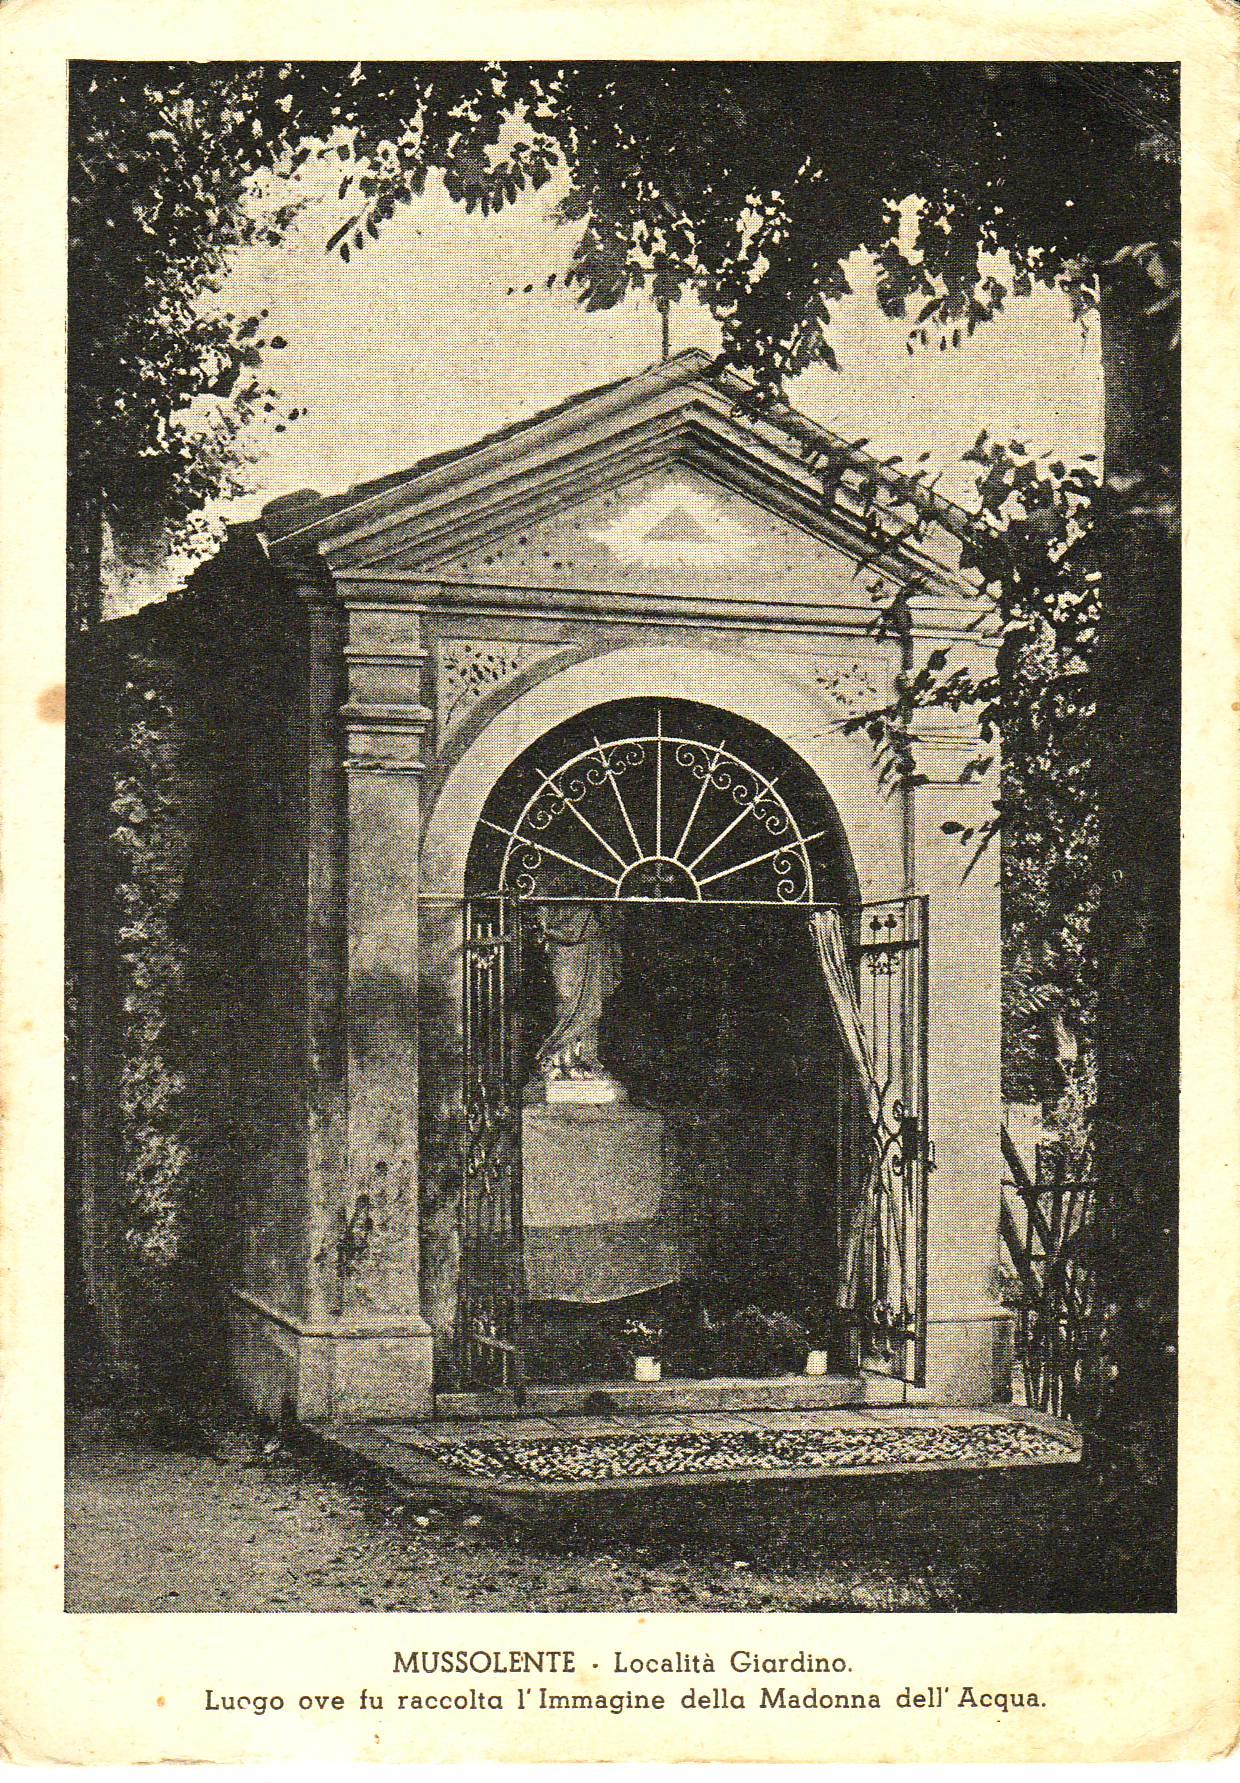 Cartolina capitello Madonna Acqua anni 1930-40